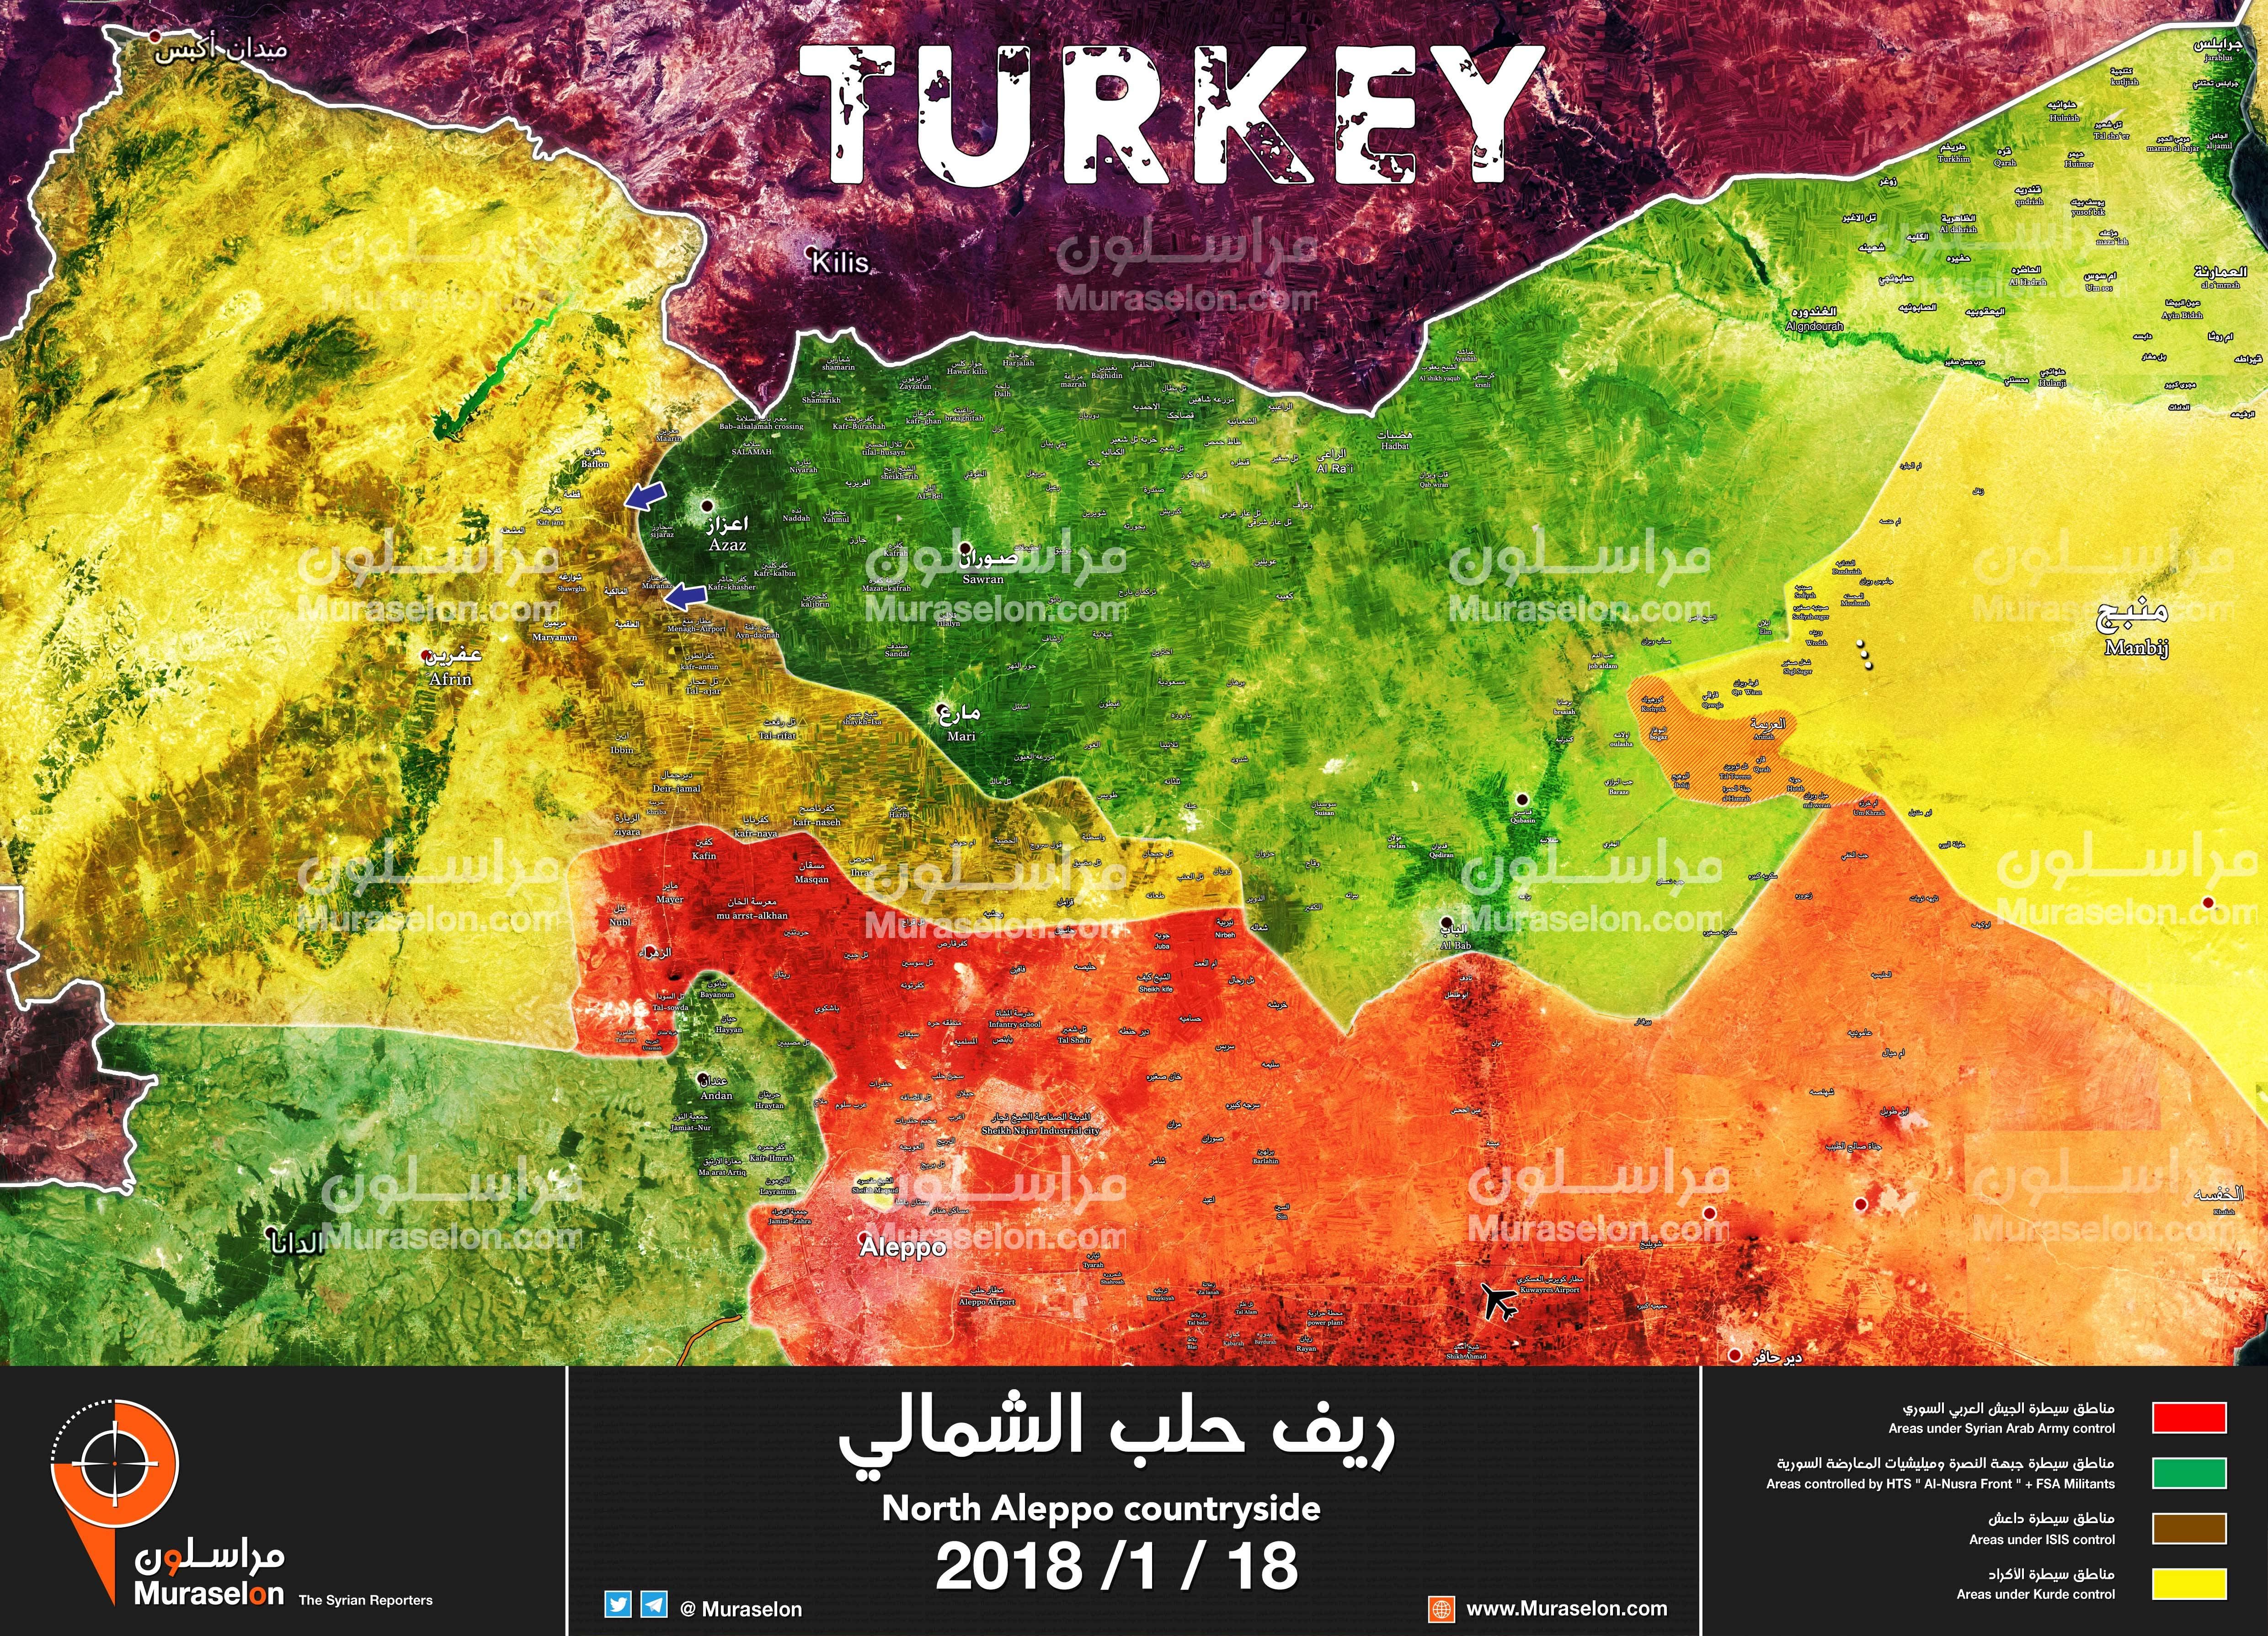 North-Aleppo-countryside